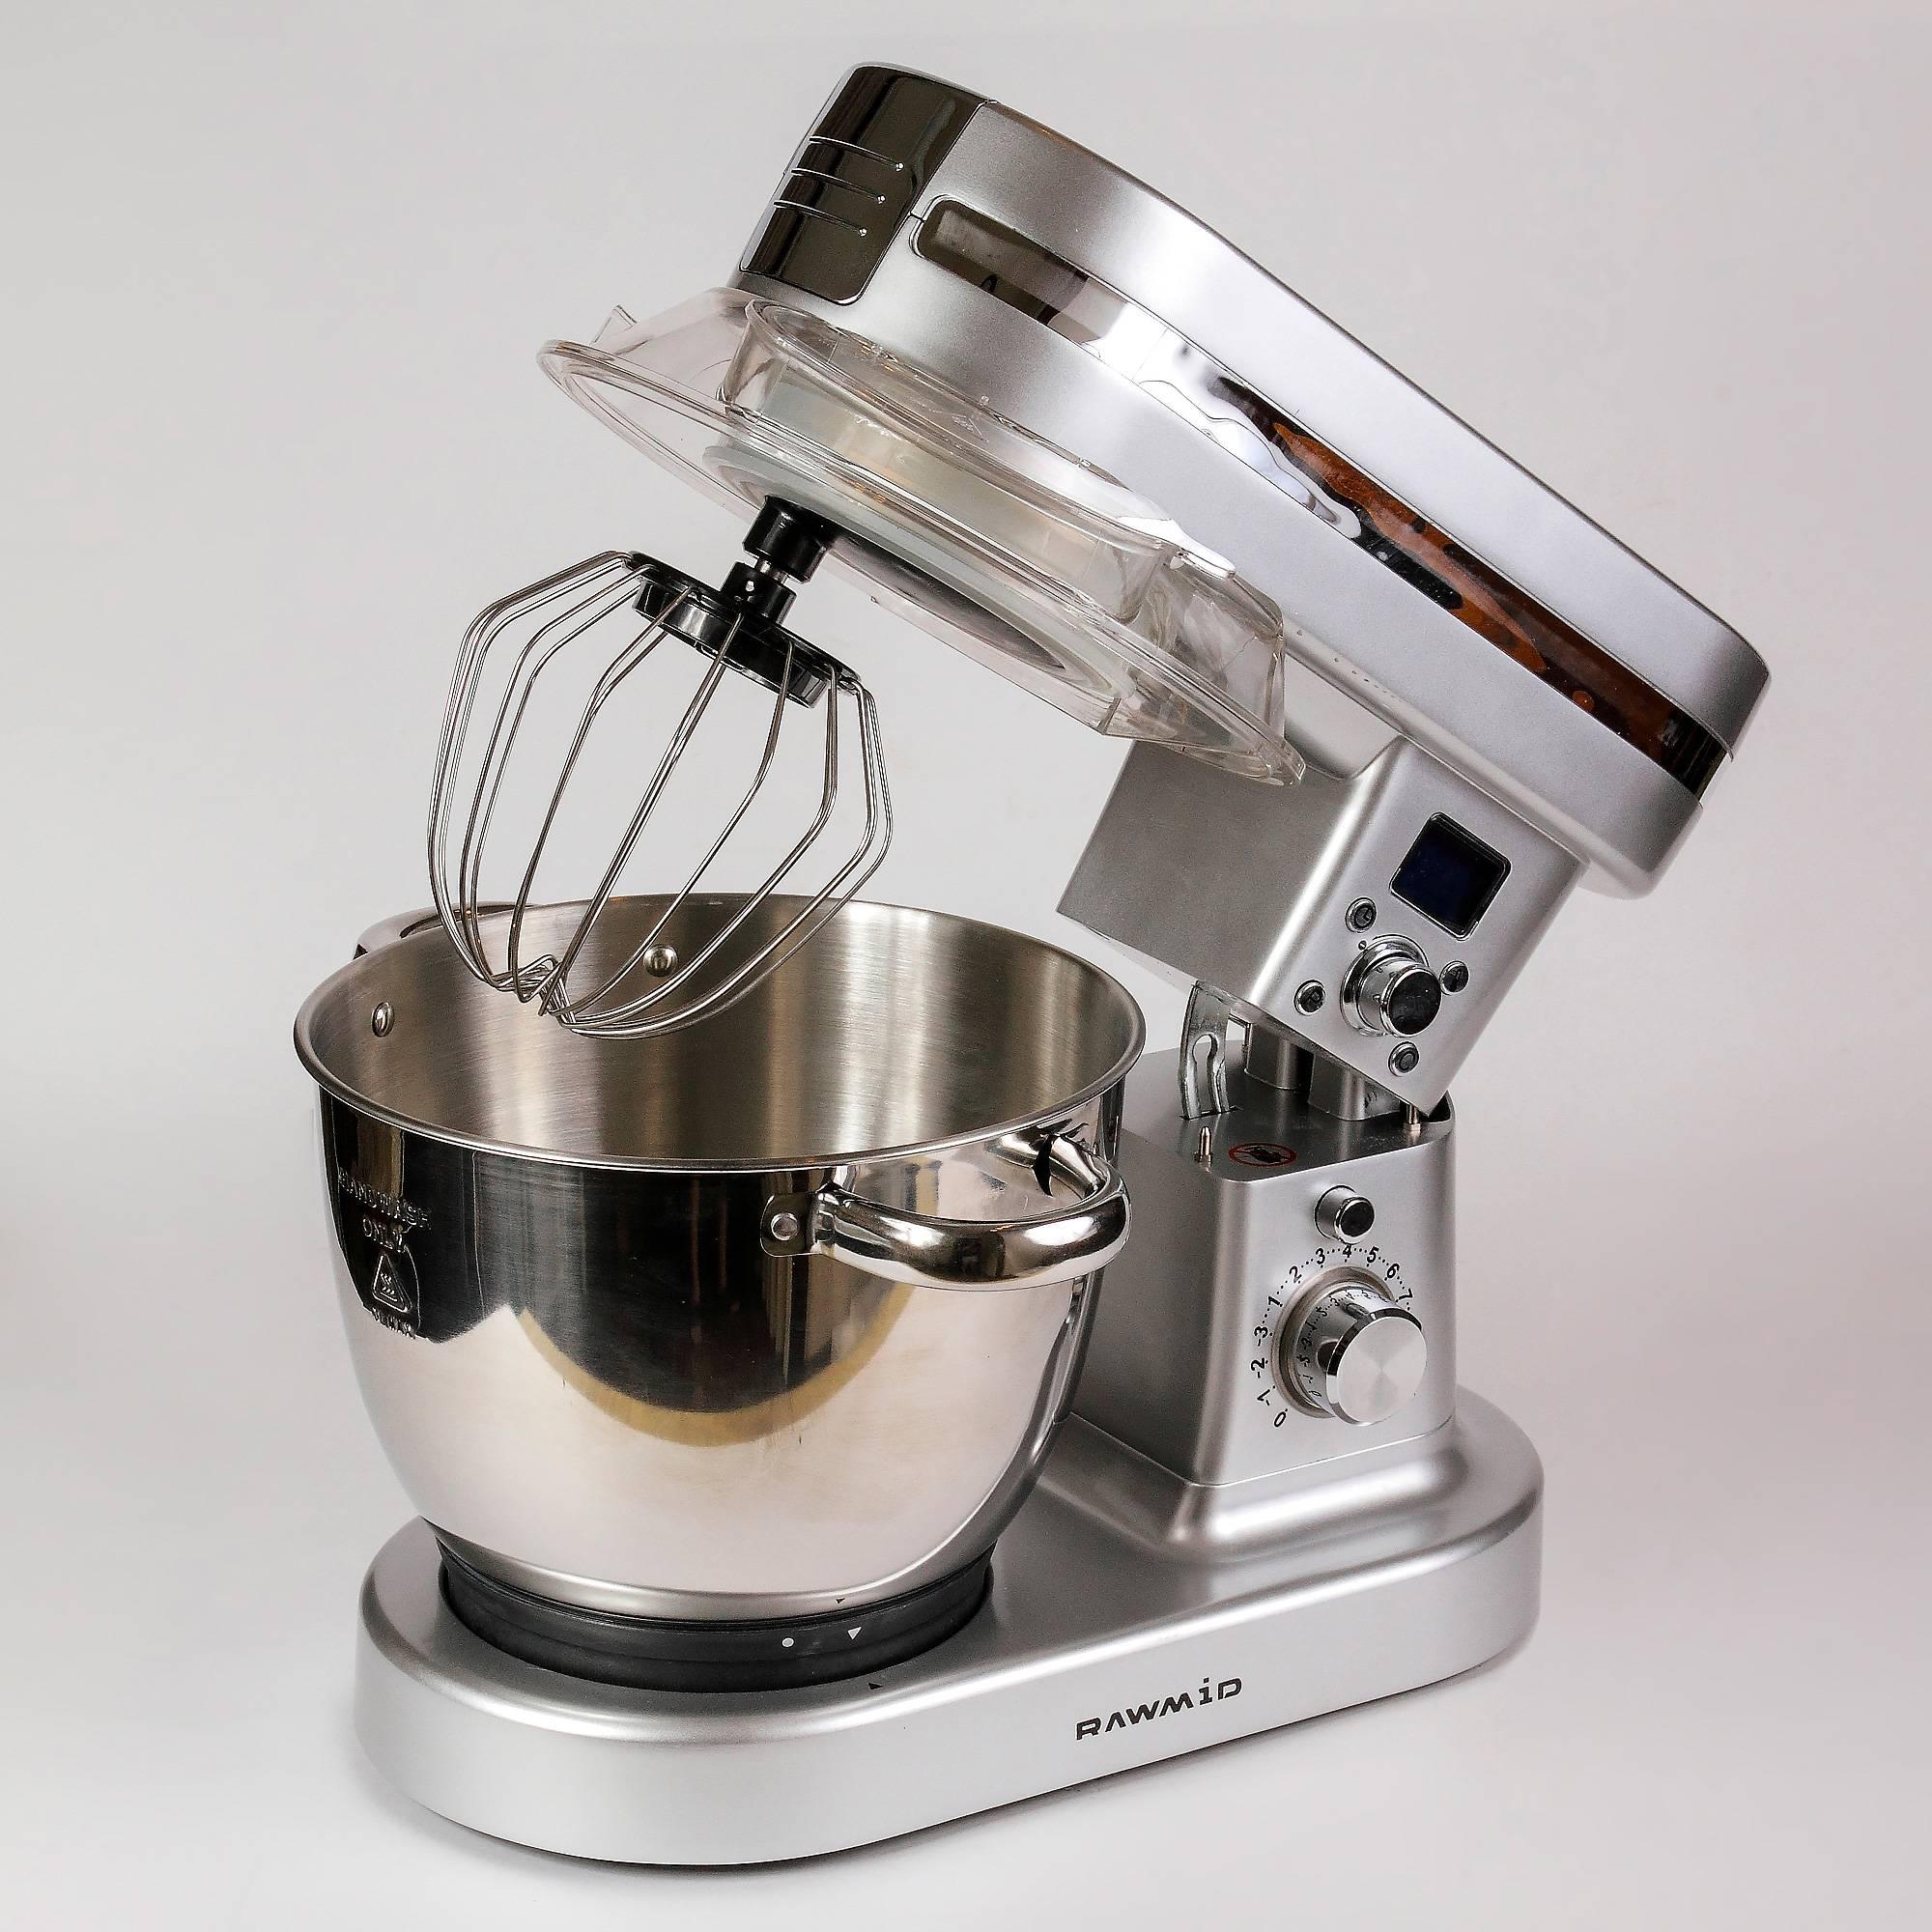 ️если не хочется много времени проводить на кухне: рейтинг лучших кухонных измельчителей 2020 года